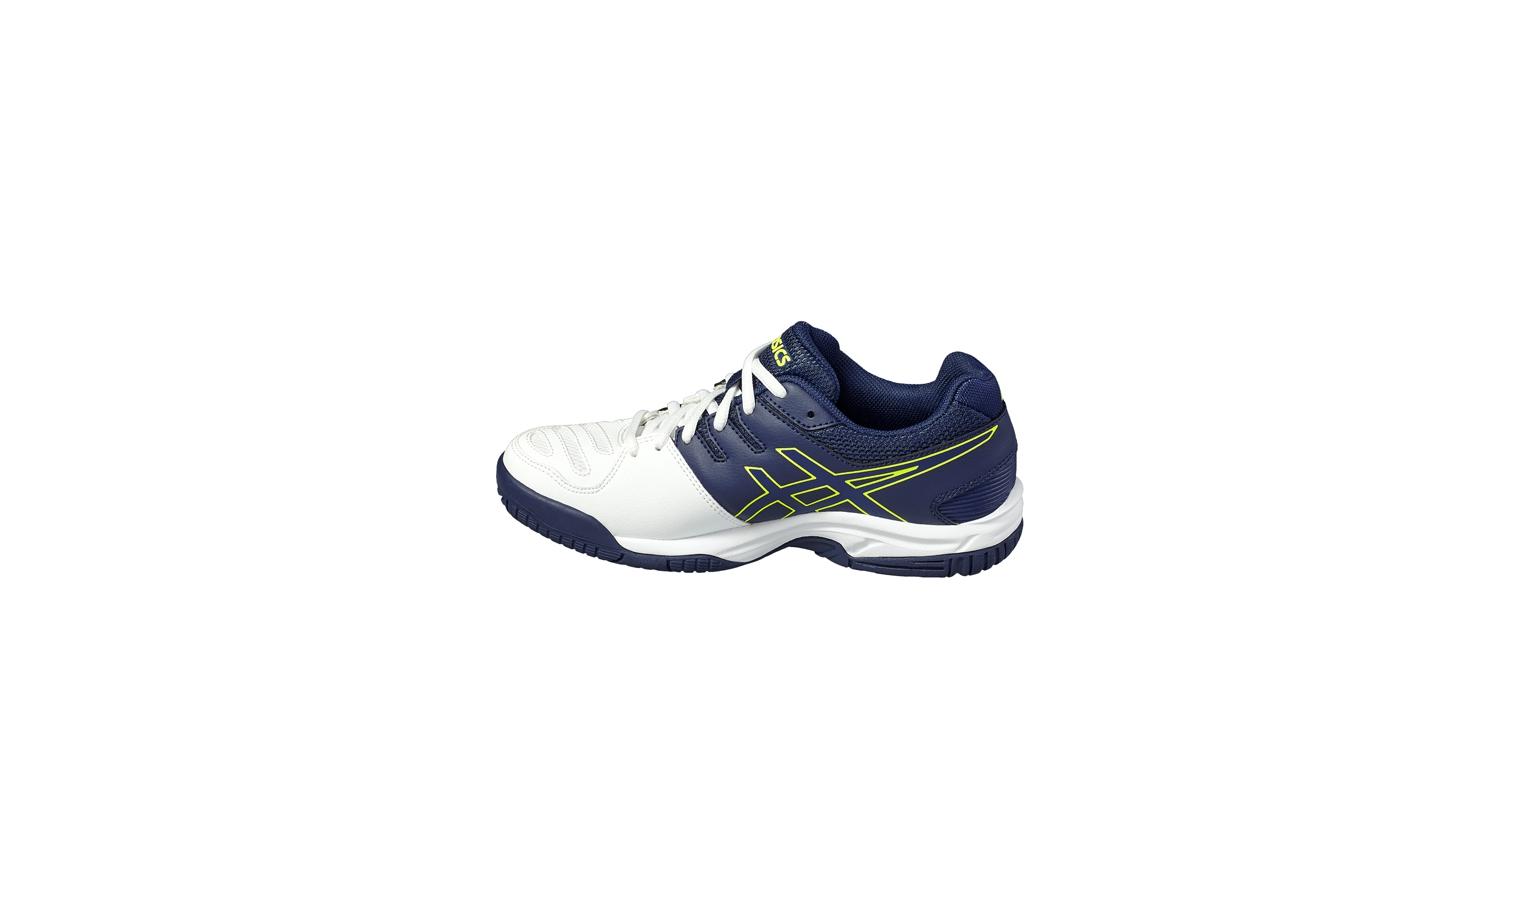 Dětské tenisové boty Asics GEL-GAME 5 GS modro-bílé  efe59dd66c